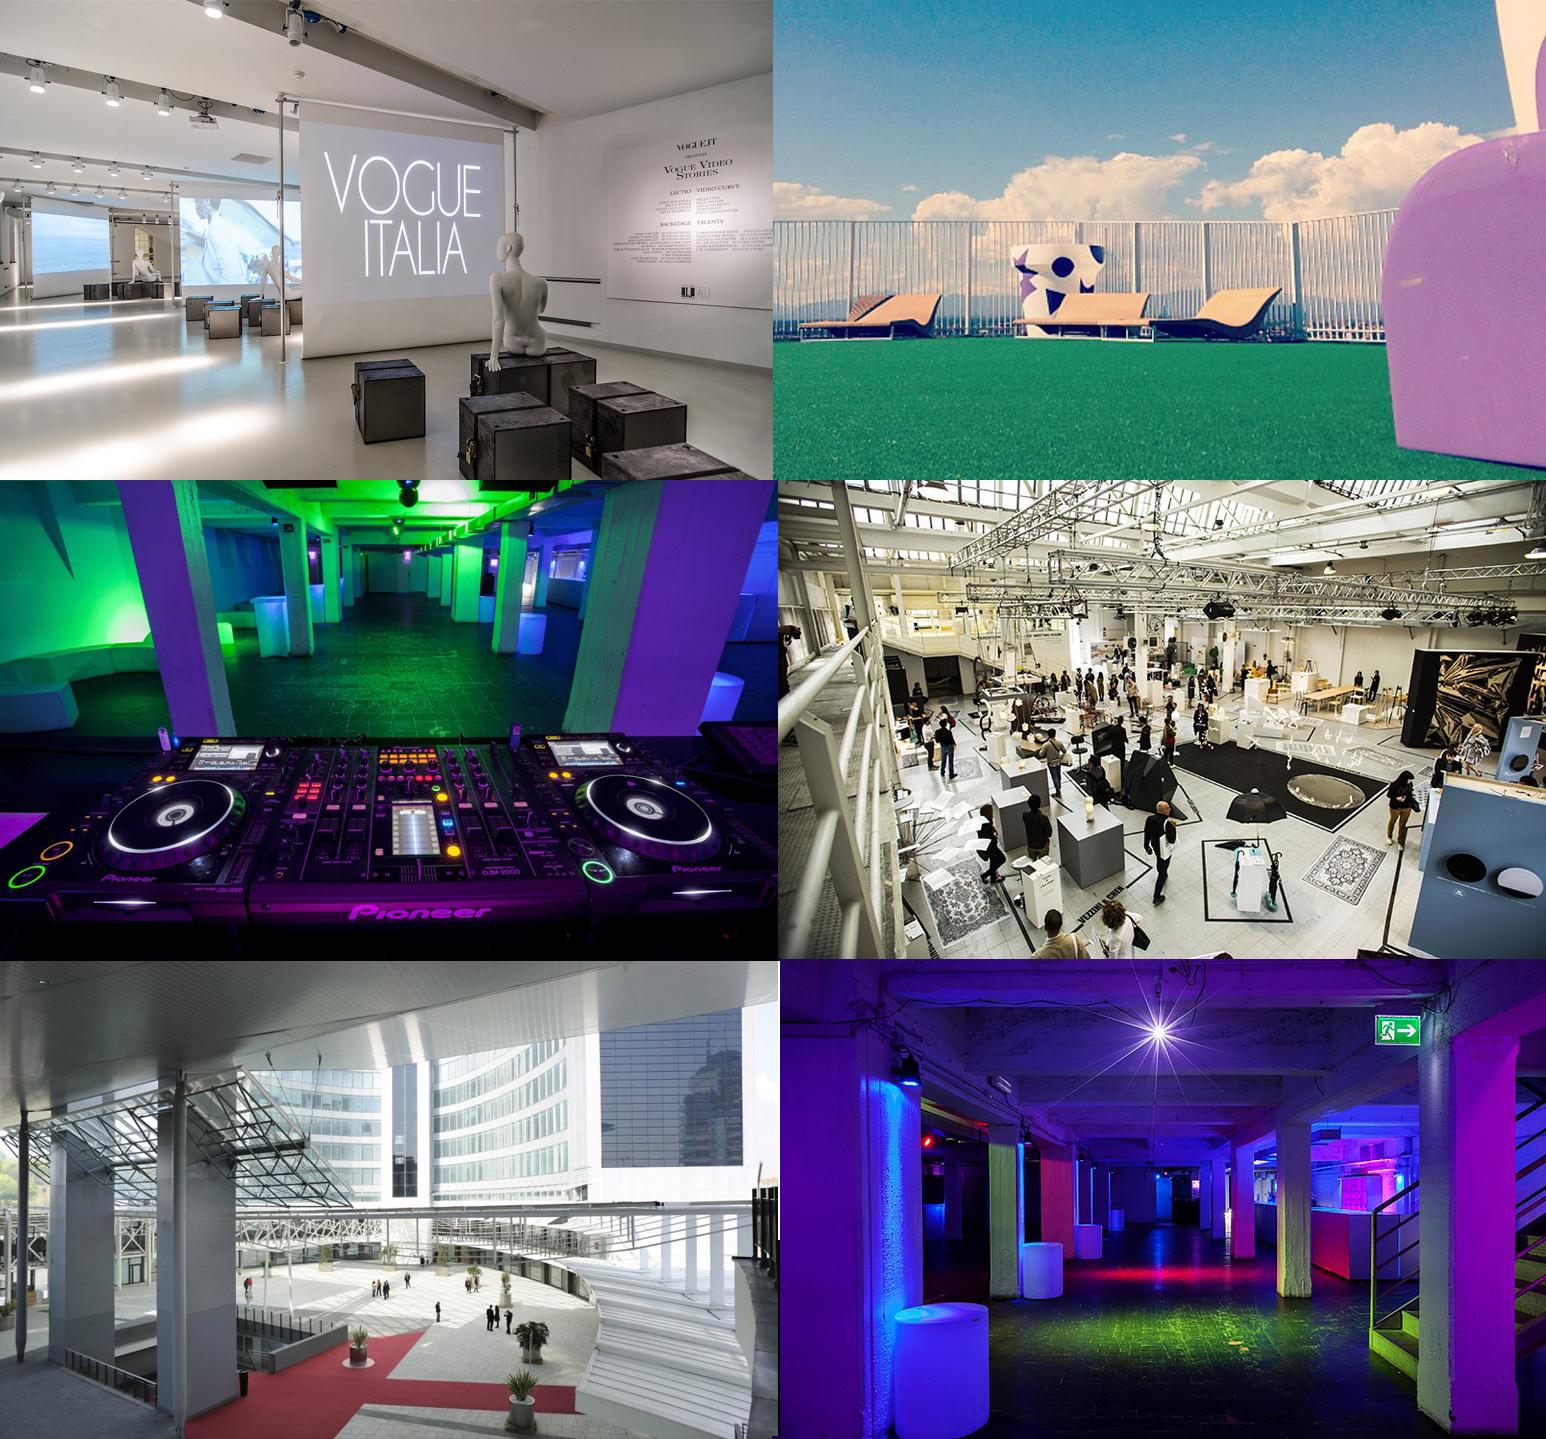 Rendiamo la tua festa di compleanno a Milano indimenticabile. Scegli la location, hotel, discoteca o lounge, i servizi che preferisci e il nostro team organizzerà la festa.